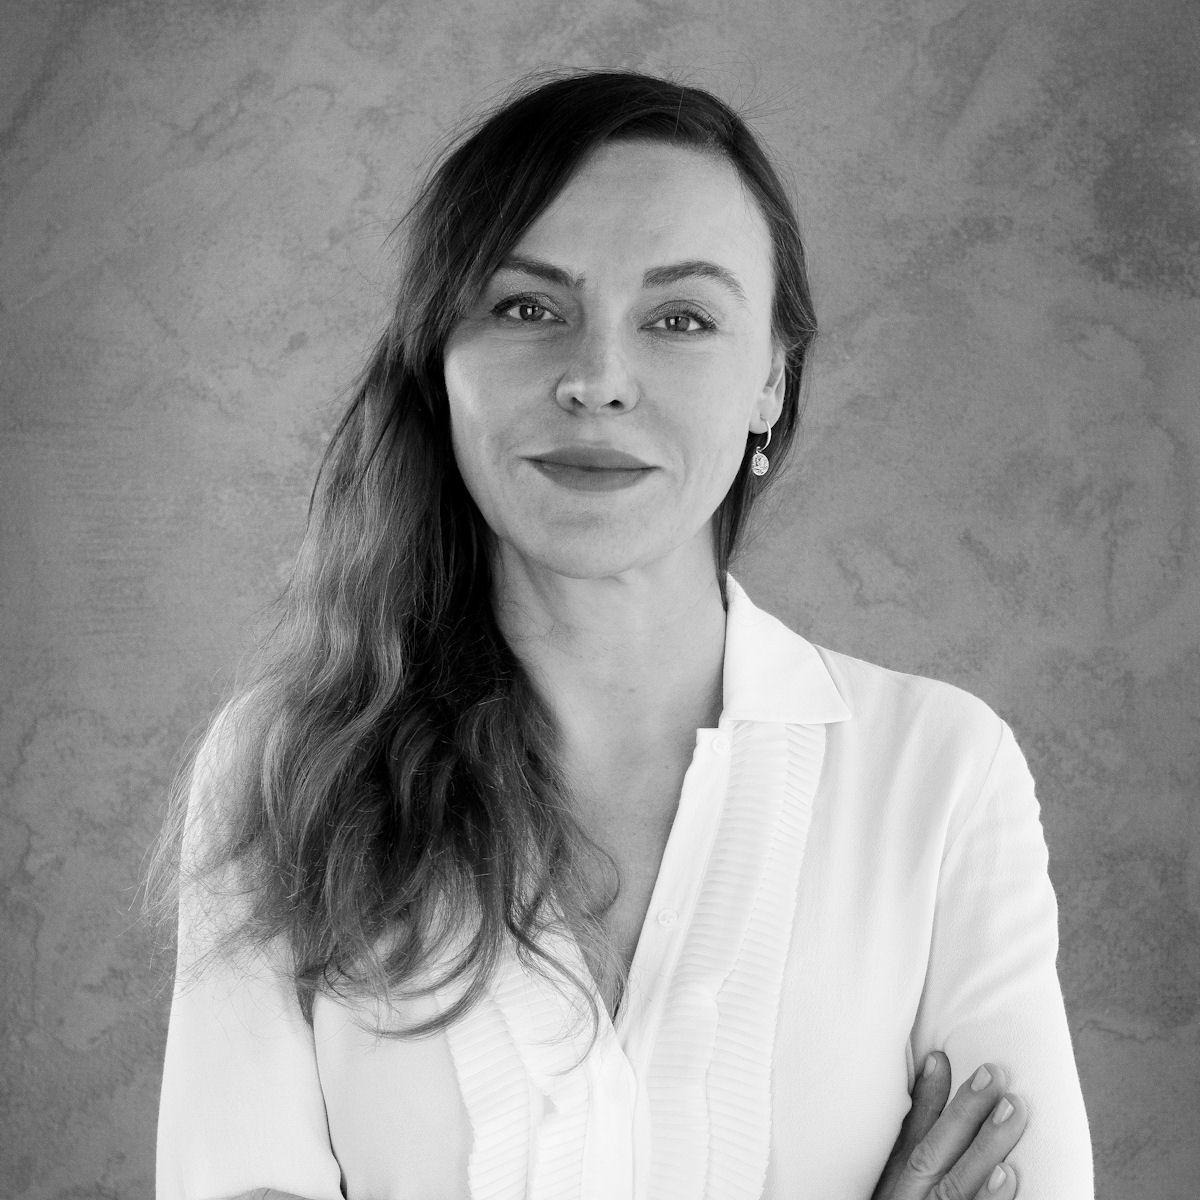 Marzena Krychowska